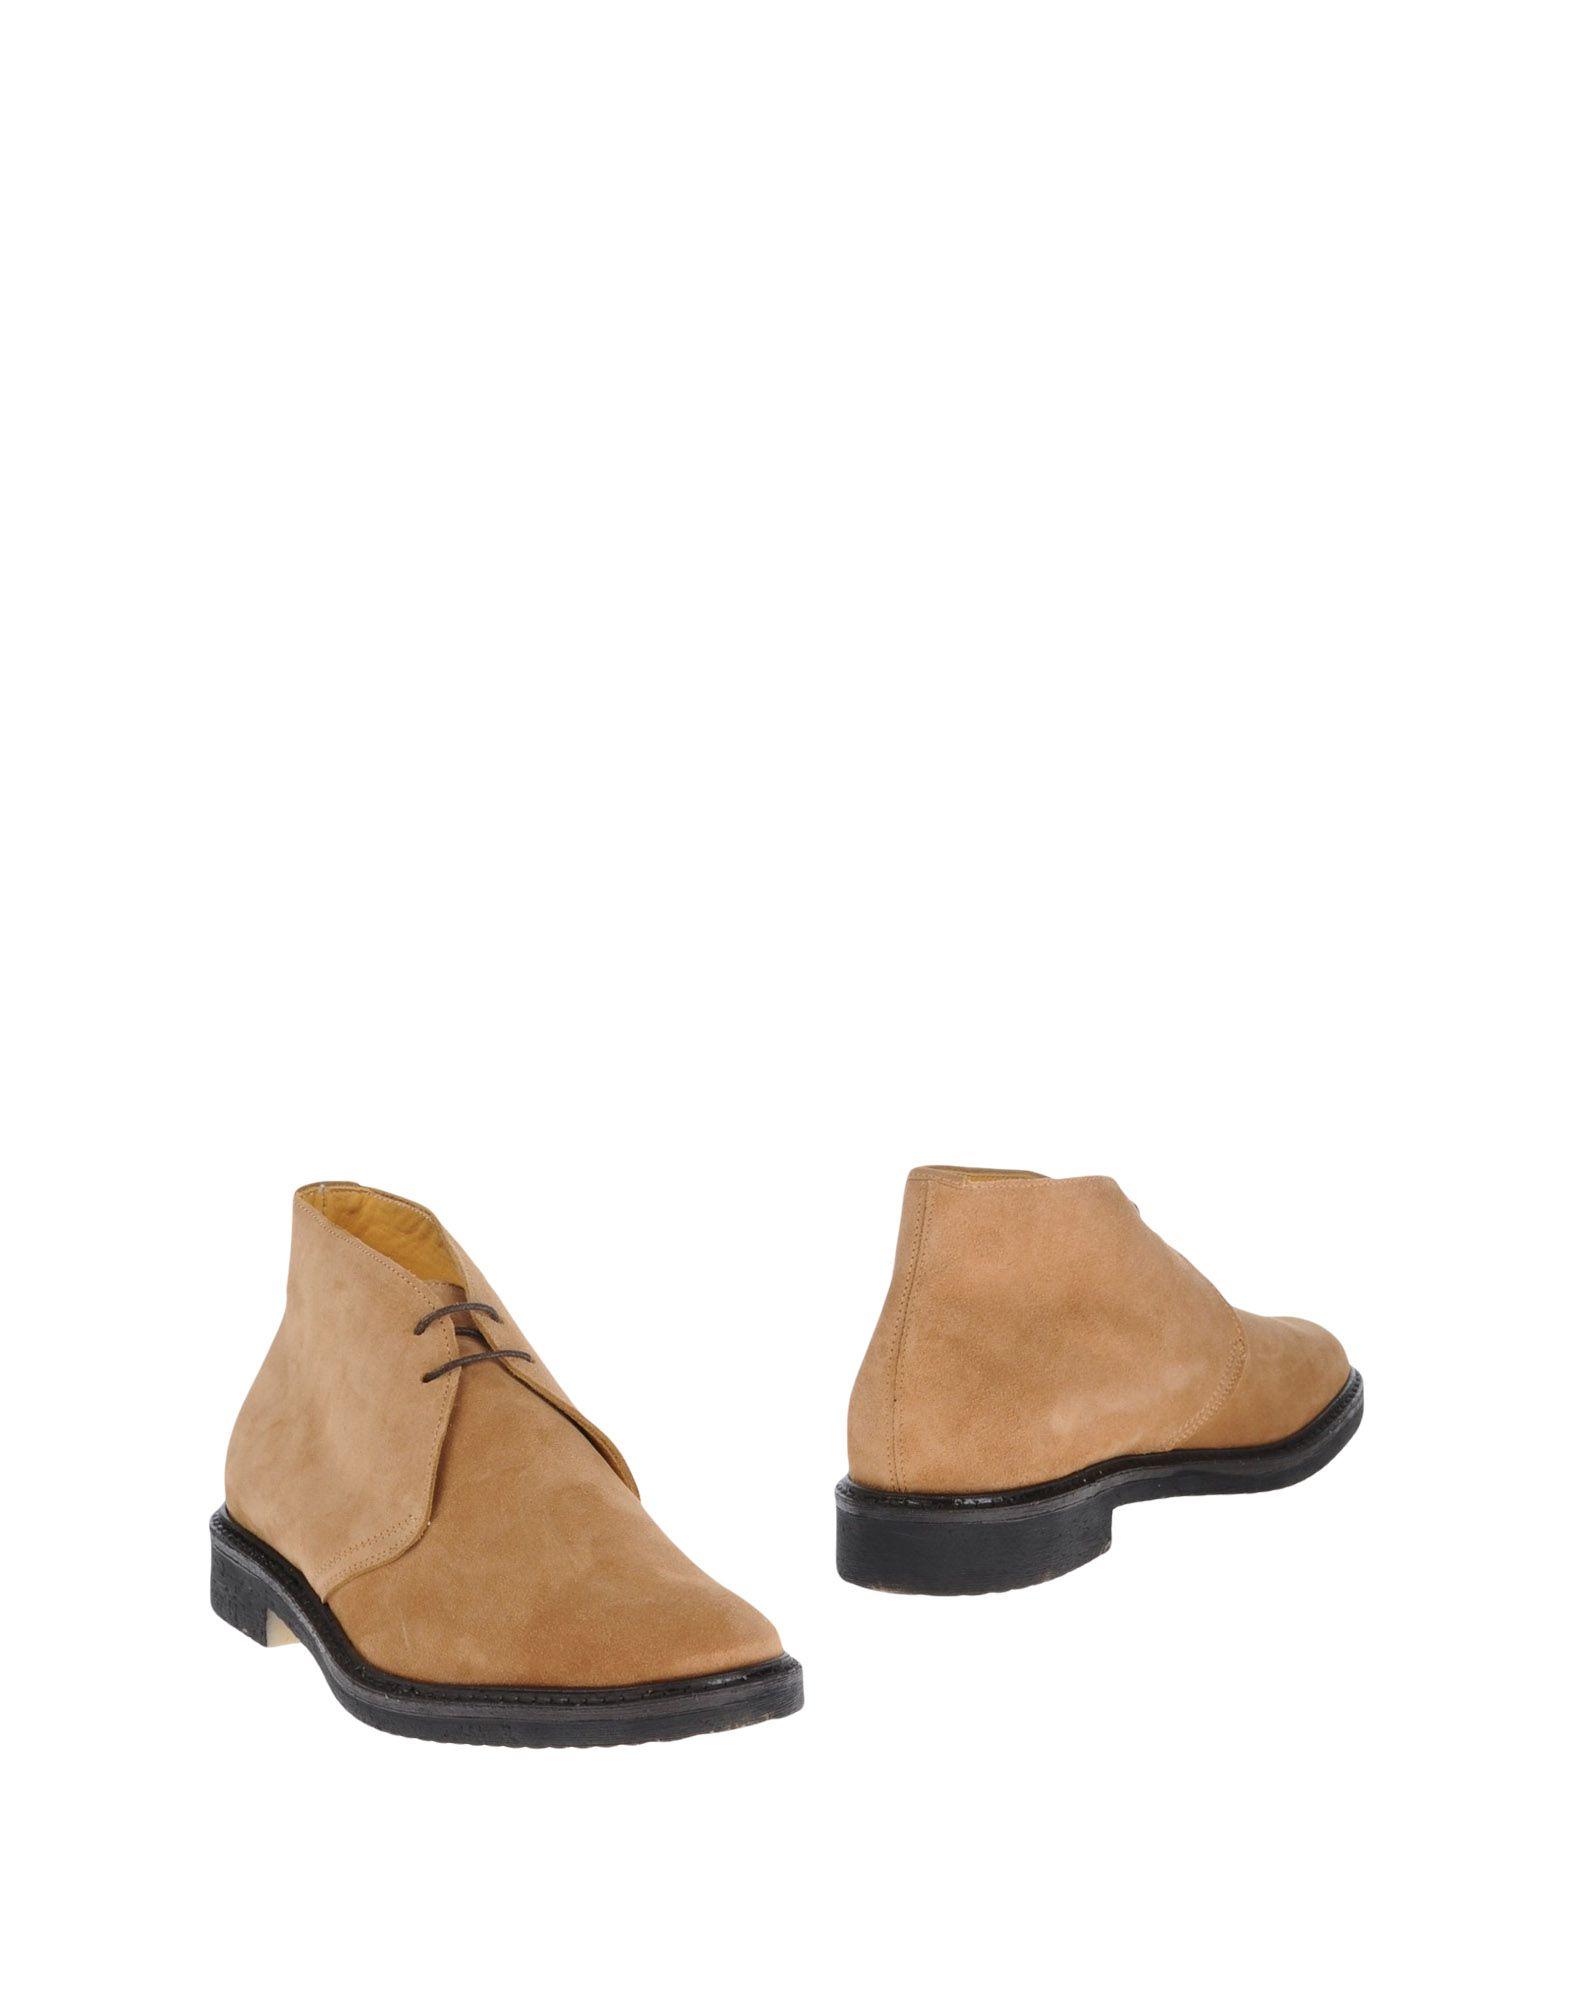 PELUSO NAPOLI Полусапоги и высокие ботинки цены онлайн